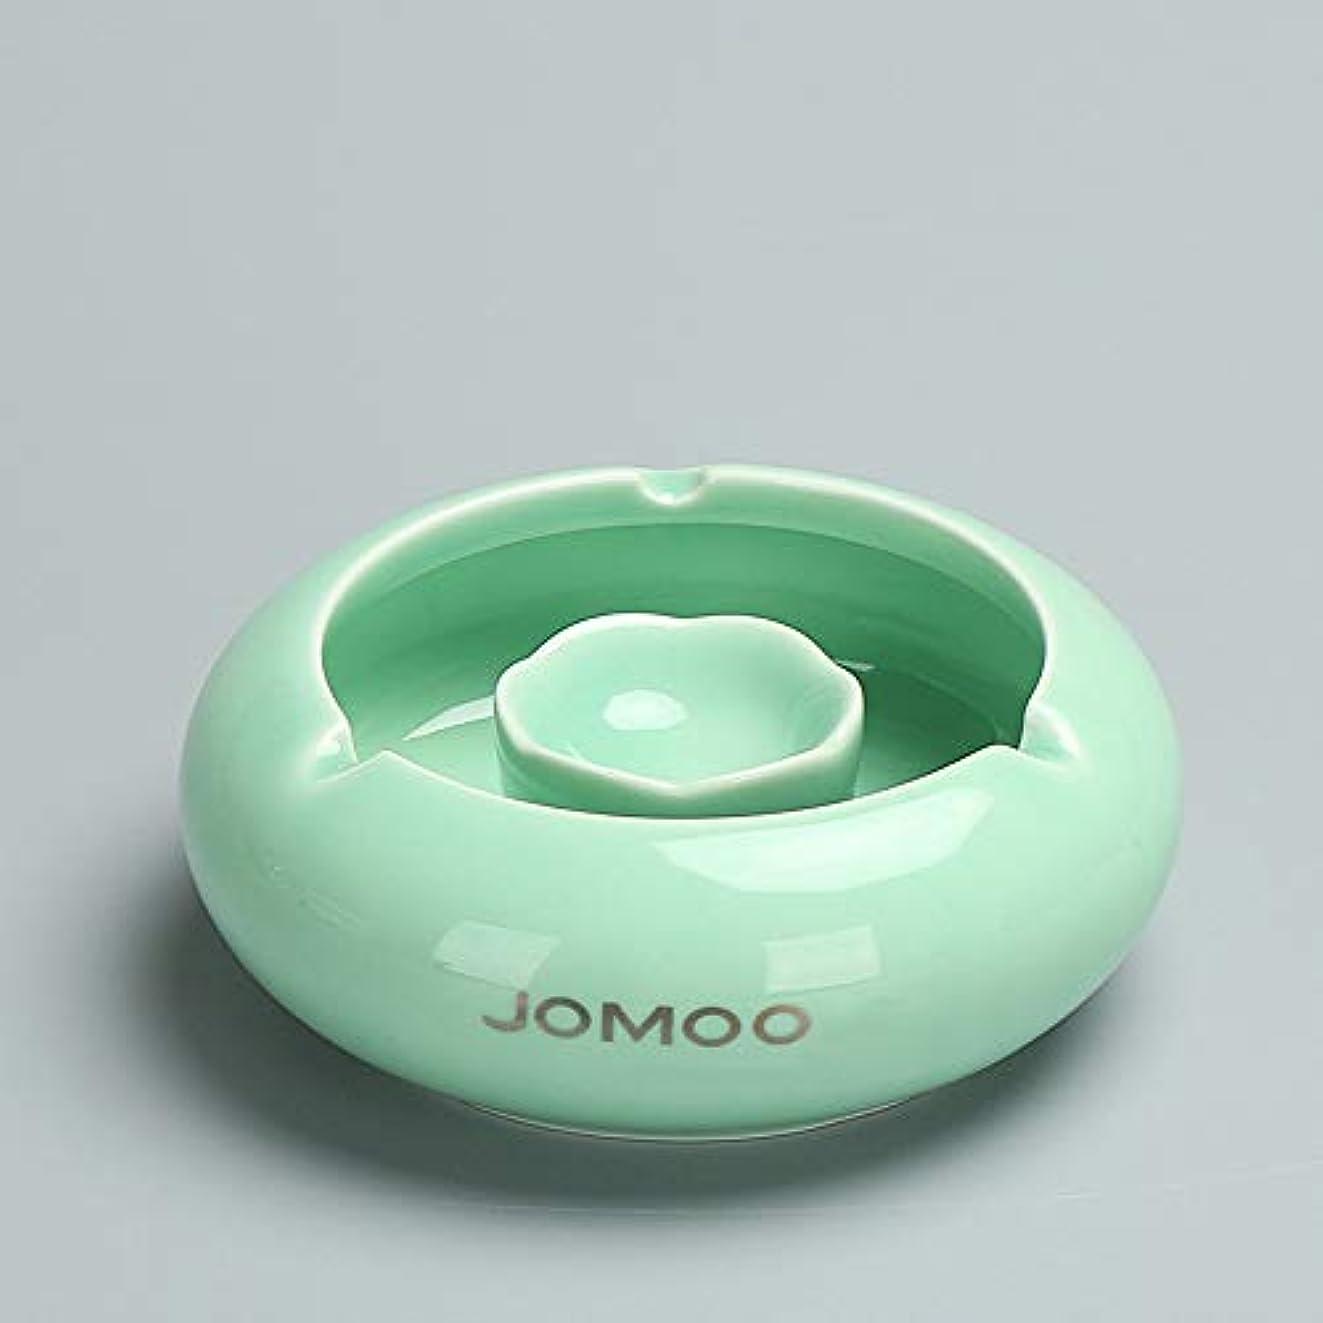 シャーれんが探偵タバコ、ギフトおよび総本店の装飾のための灰皿円形の光沢のあるセラミック灰皿 (色 : 緑)